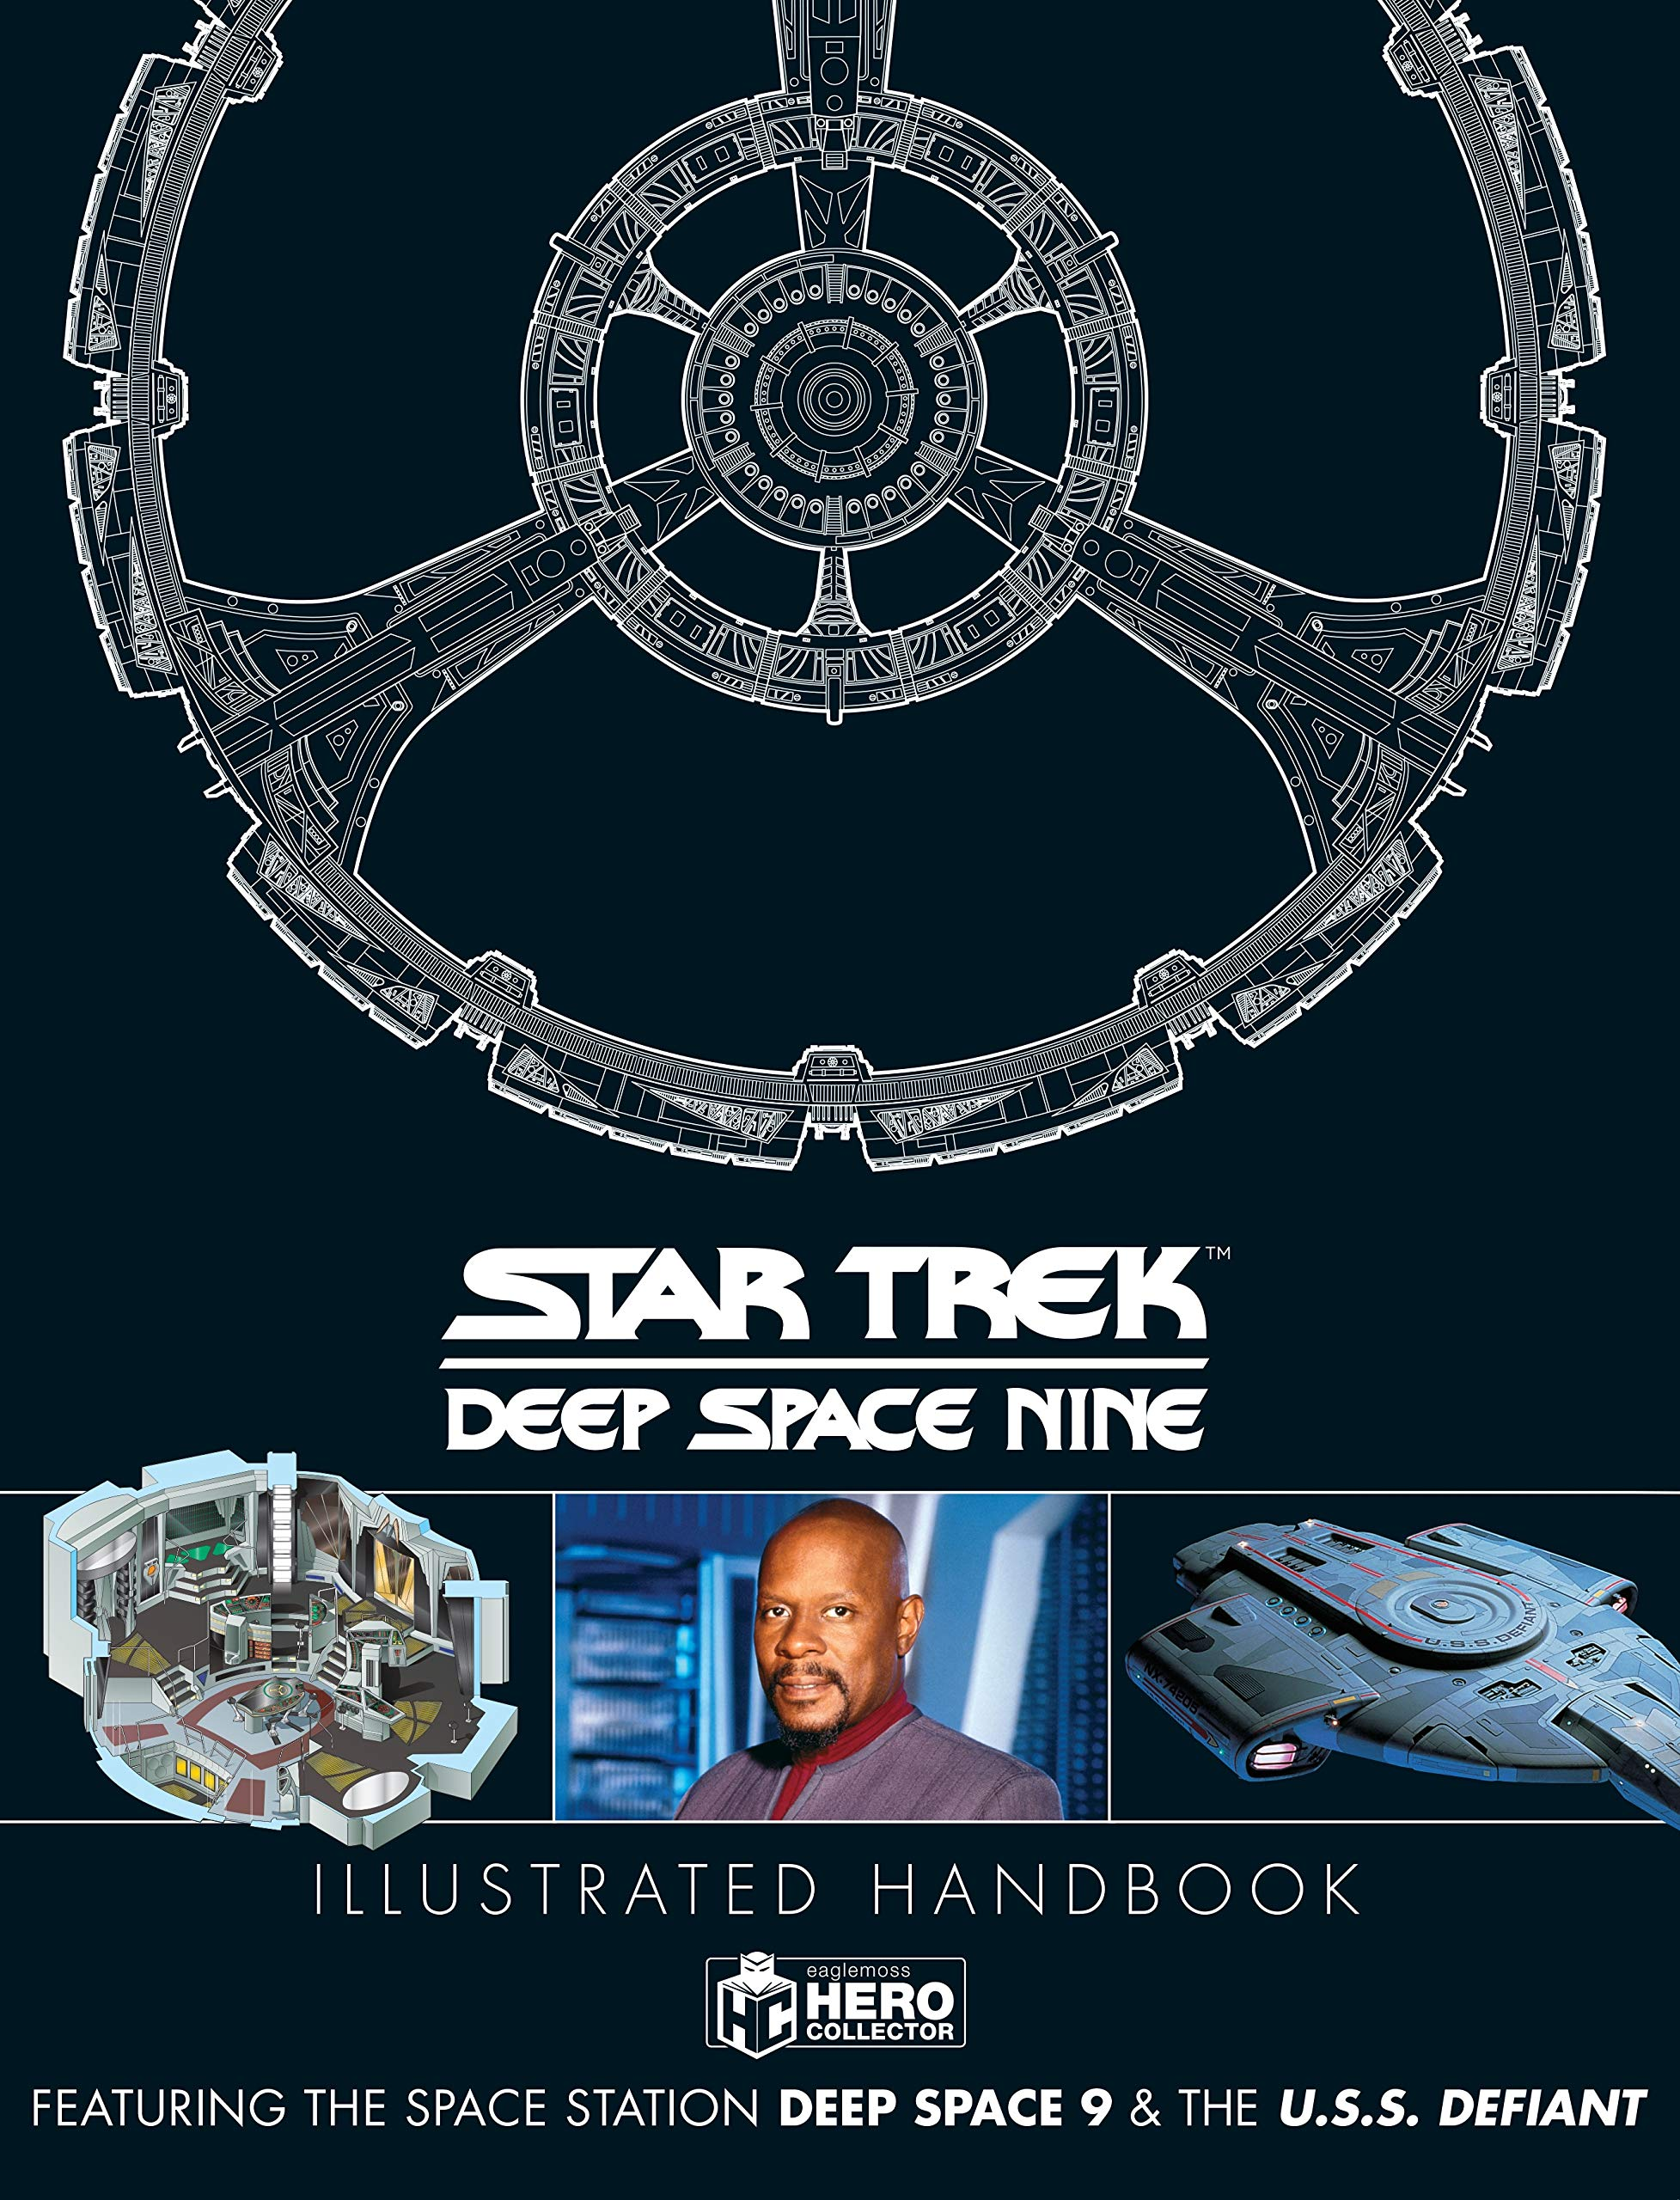 Star Trek: Deep Space 9 & The U.S.S Defiant Illustrated Handbook (Star Trek - Deep Space Nine)